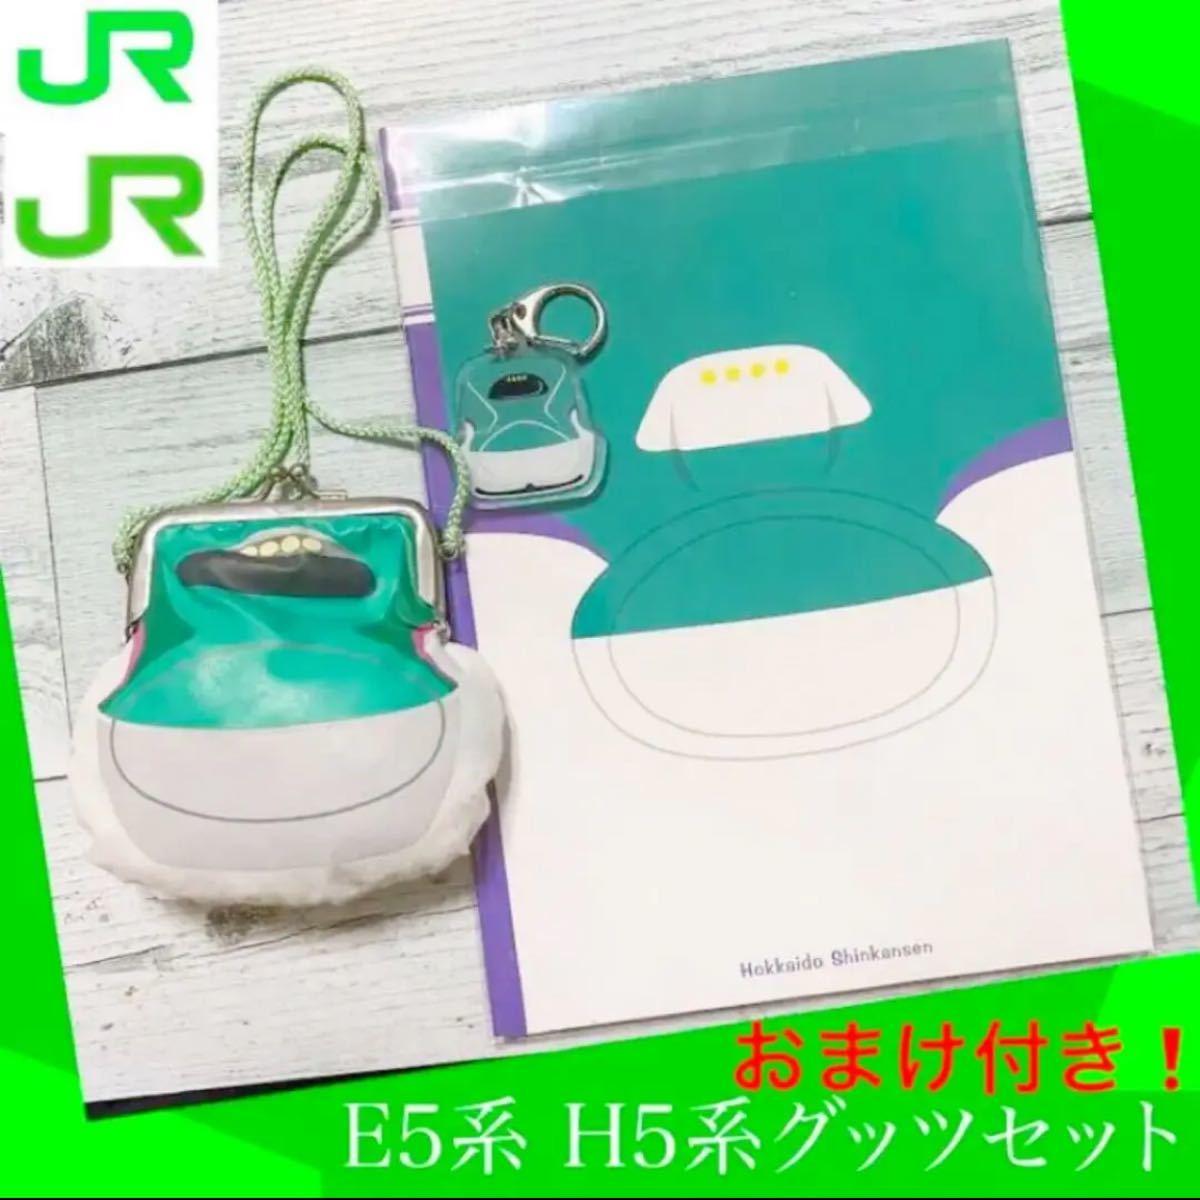 新幹線グッズH5・E5セット